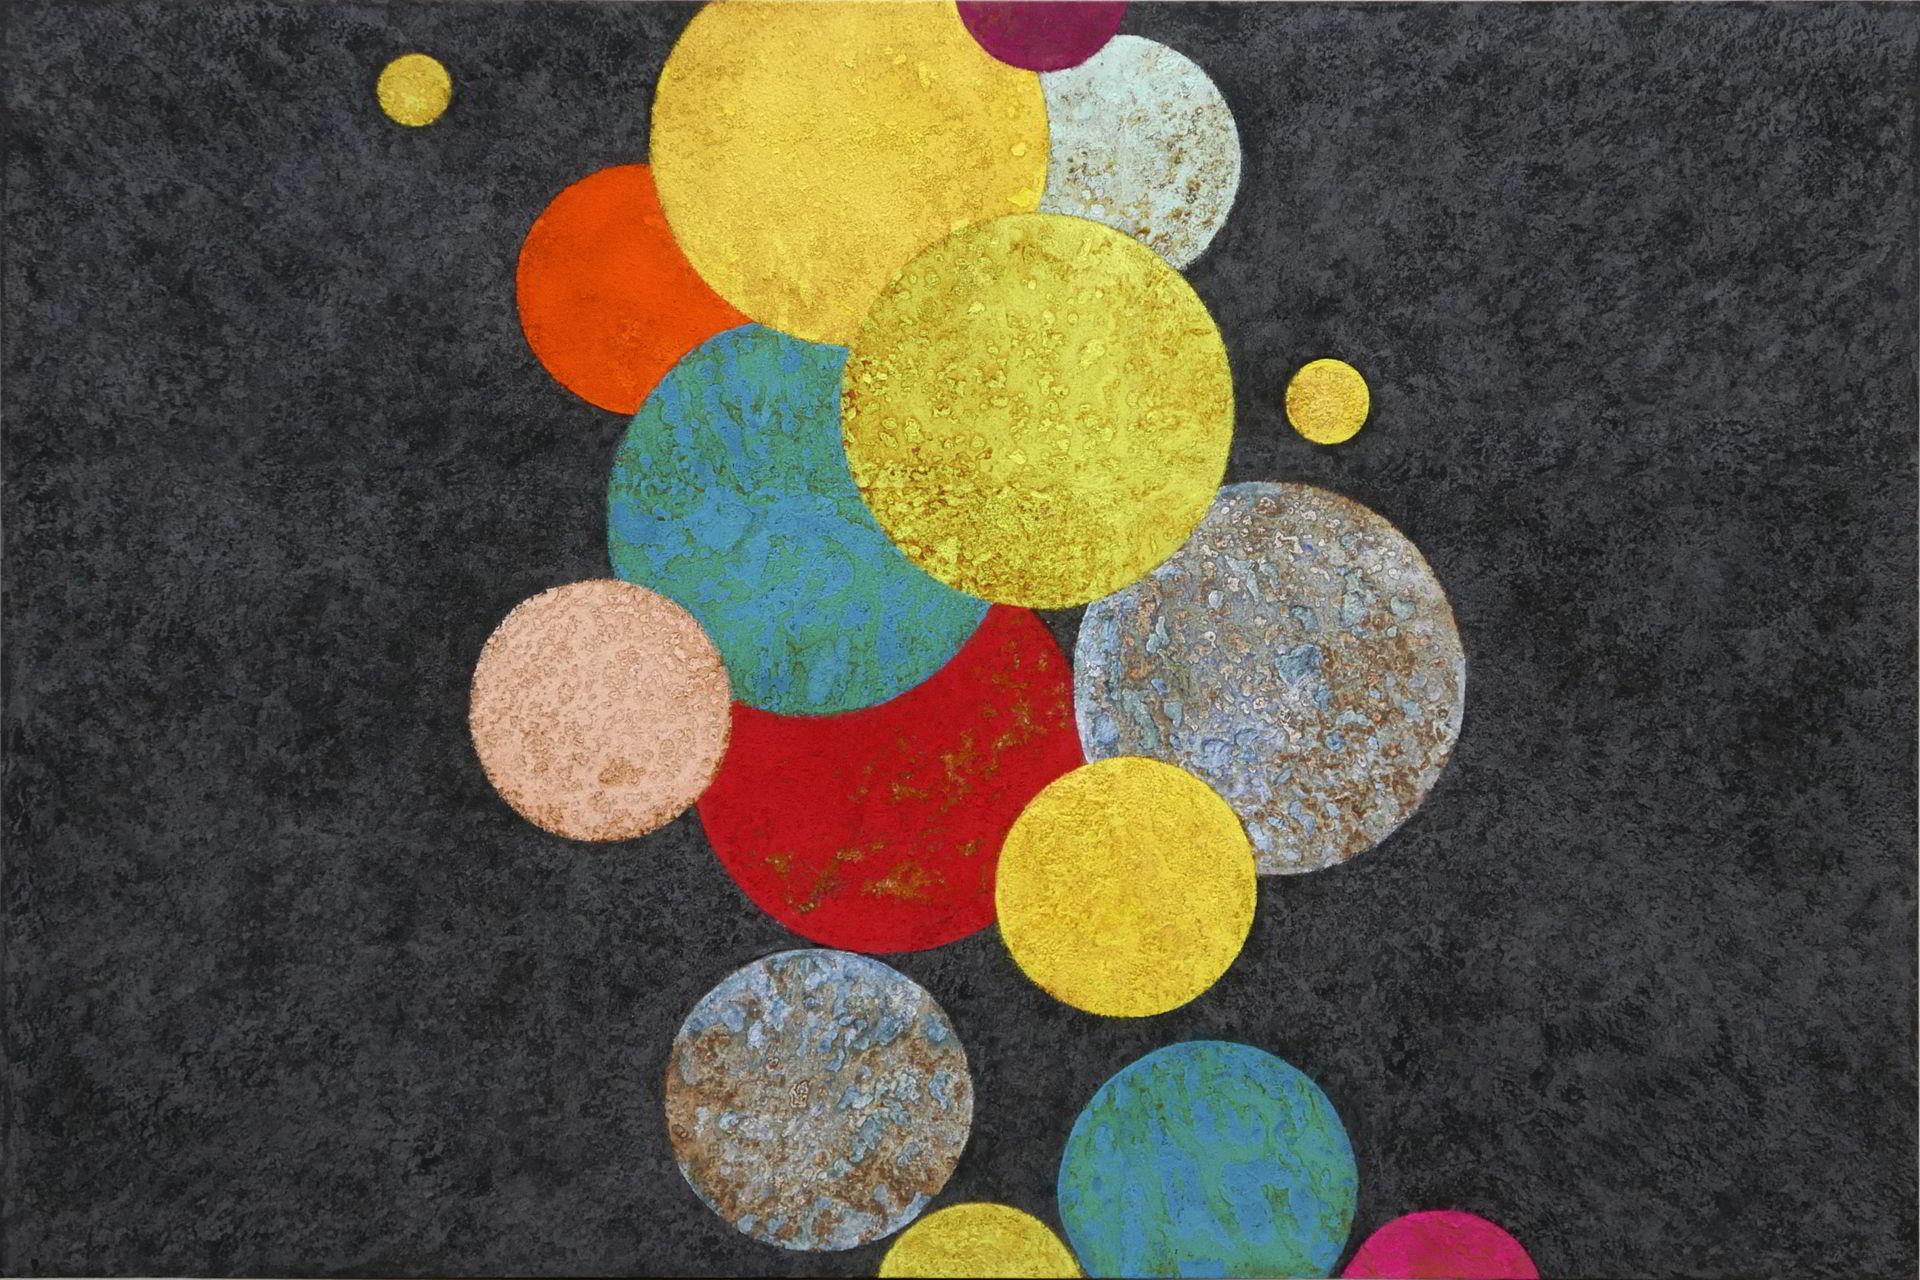 Beatriz von Eidlitz, hie und da, 2017, Pigmente und Oxyde auf Eisen, 80 x 120 cm